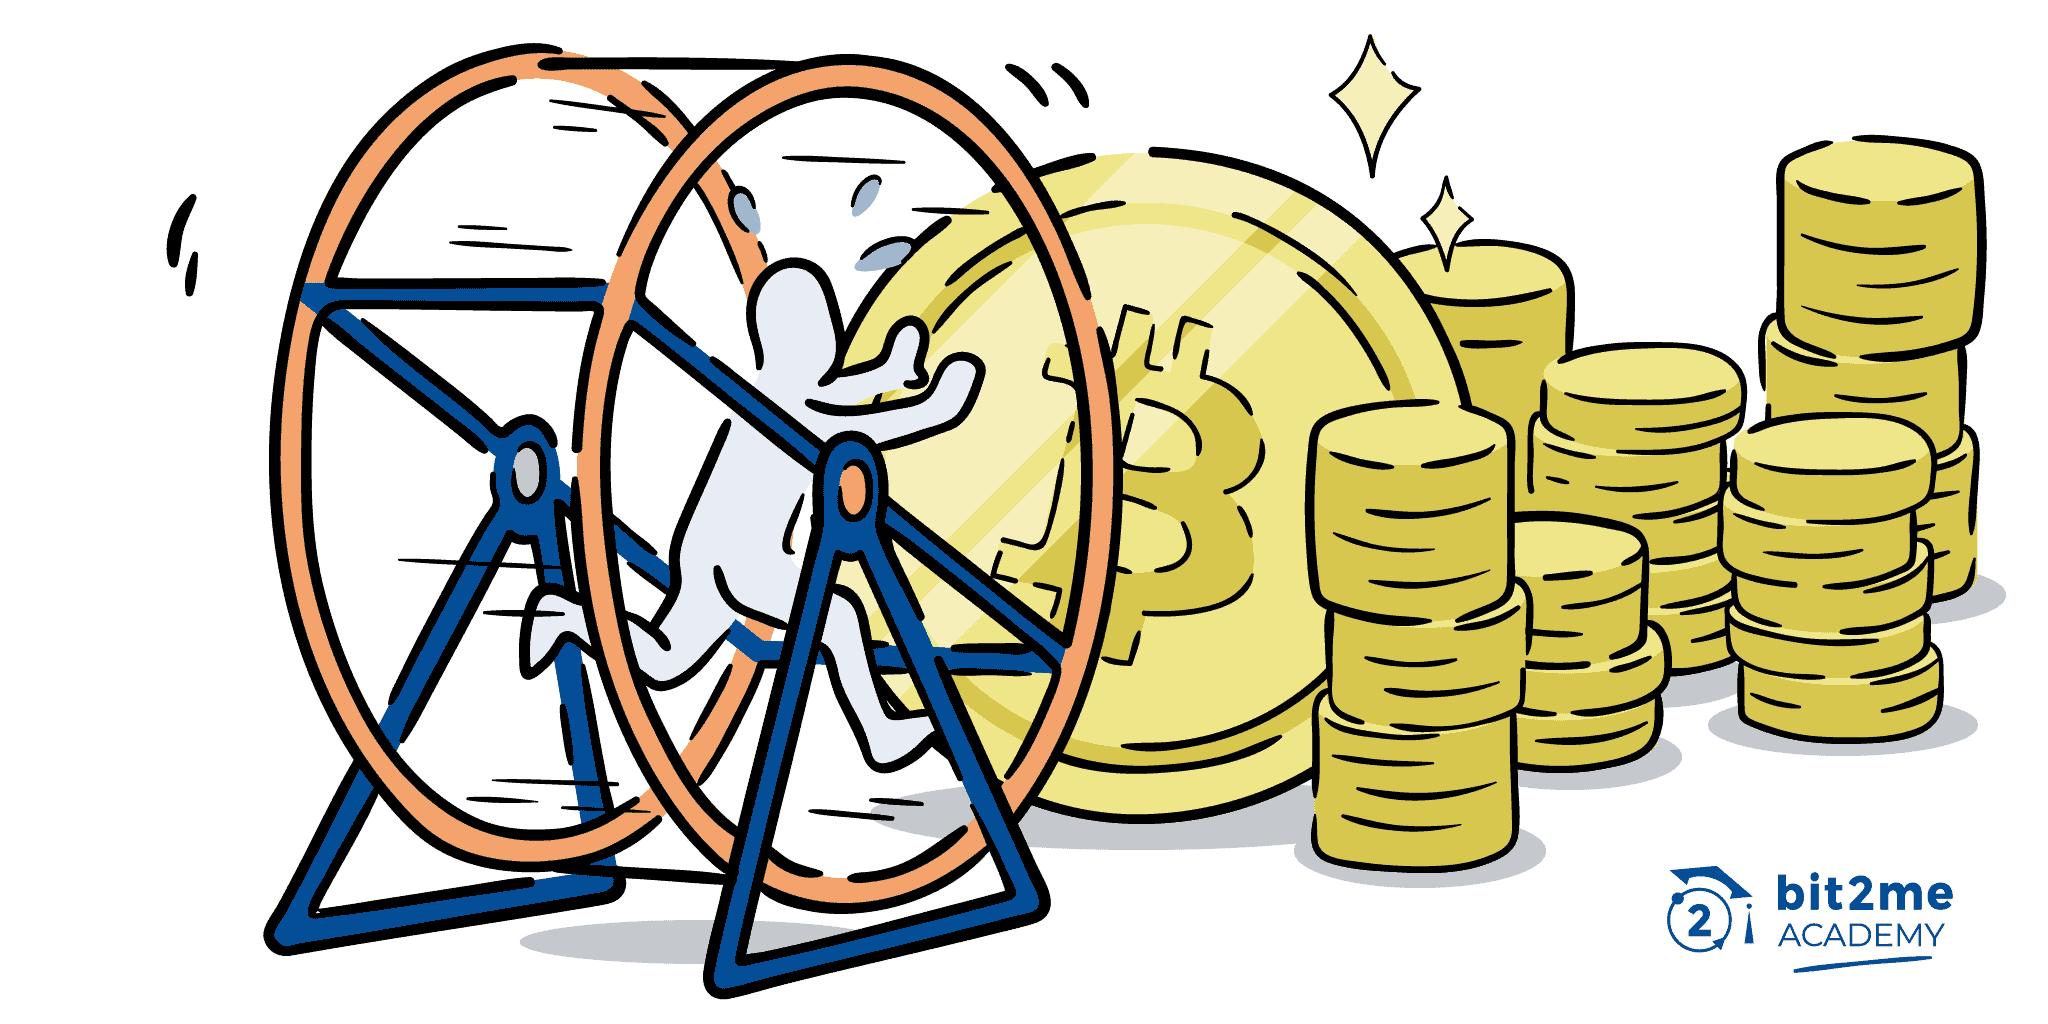 conseguir bitcoin gratis